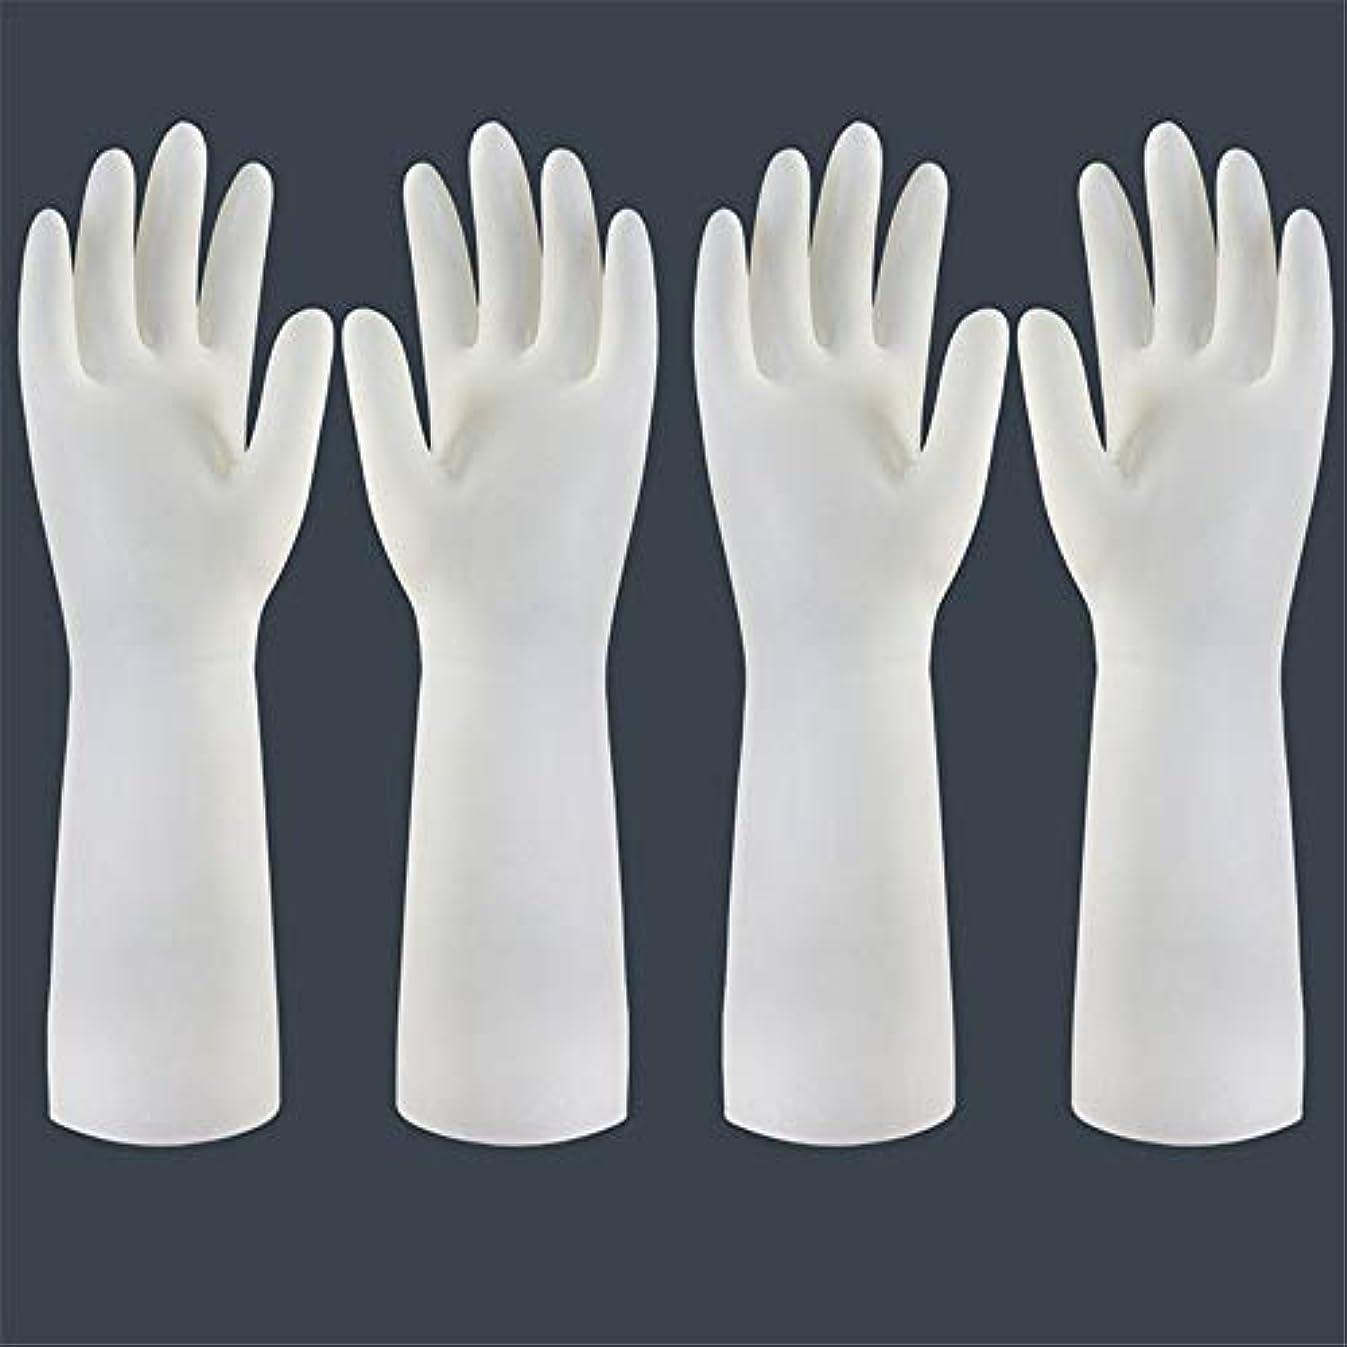 第五批判的ホーン使い捨て手袋 使い捨て手袋の防水および耐久のゴム製台所手袋、小/中/大 ニトリルゴム手袋 (Color : Long-2 pair, Size : S)